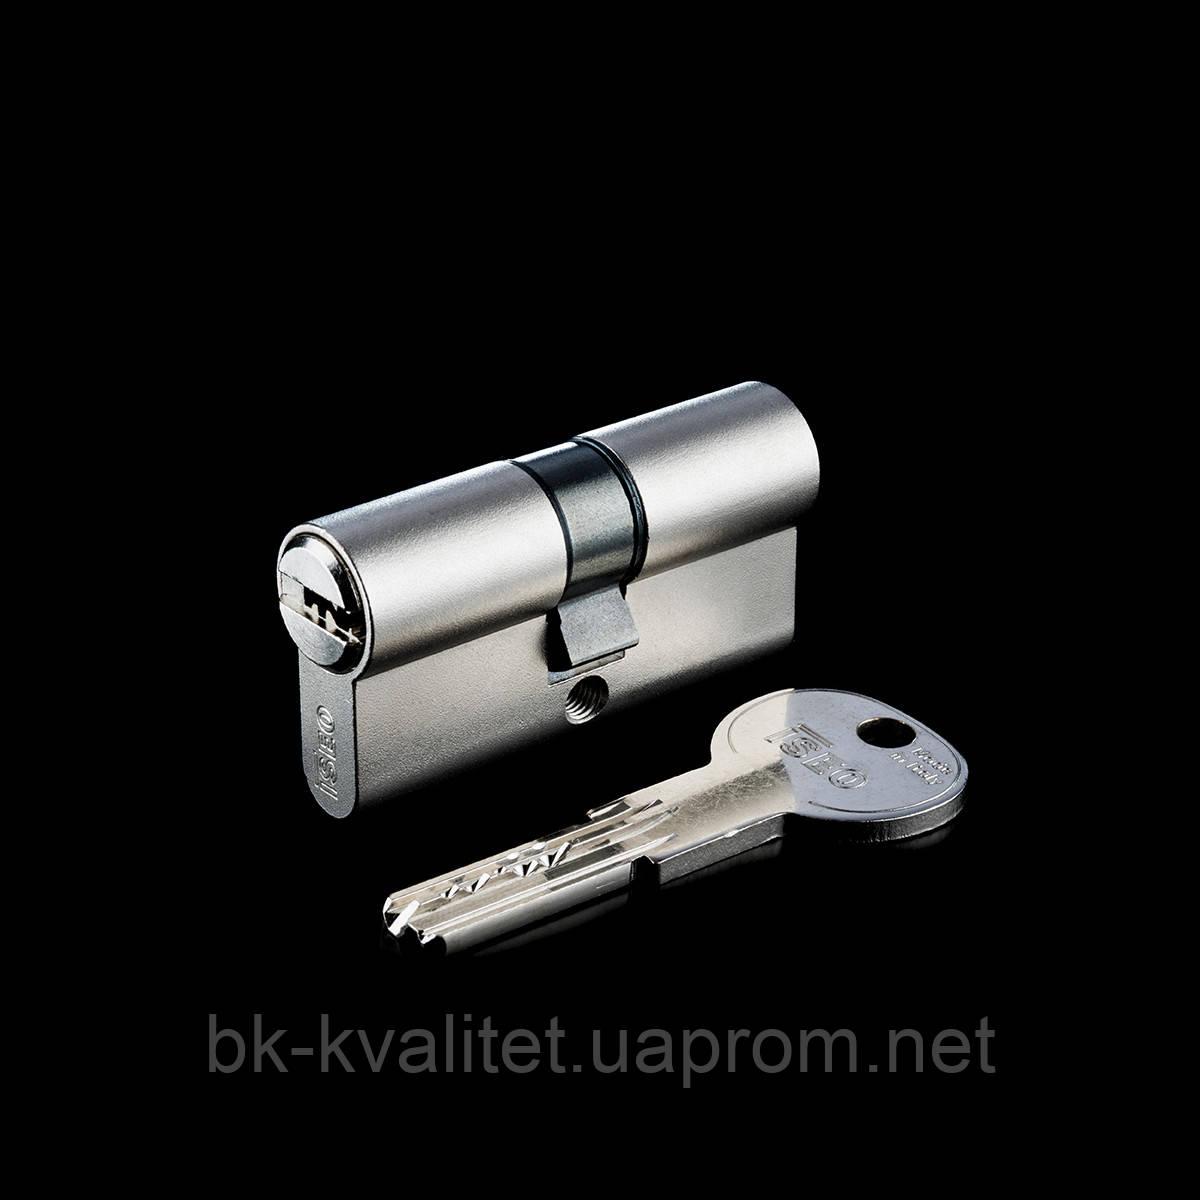 Цилиндр ISEO R6 100 (40х60) ключ/ключ, никель